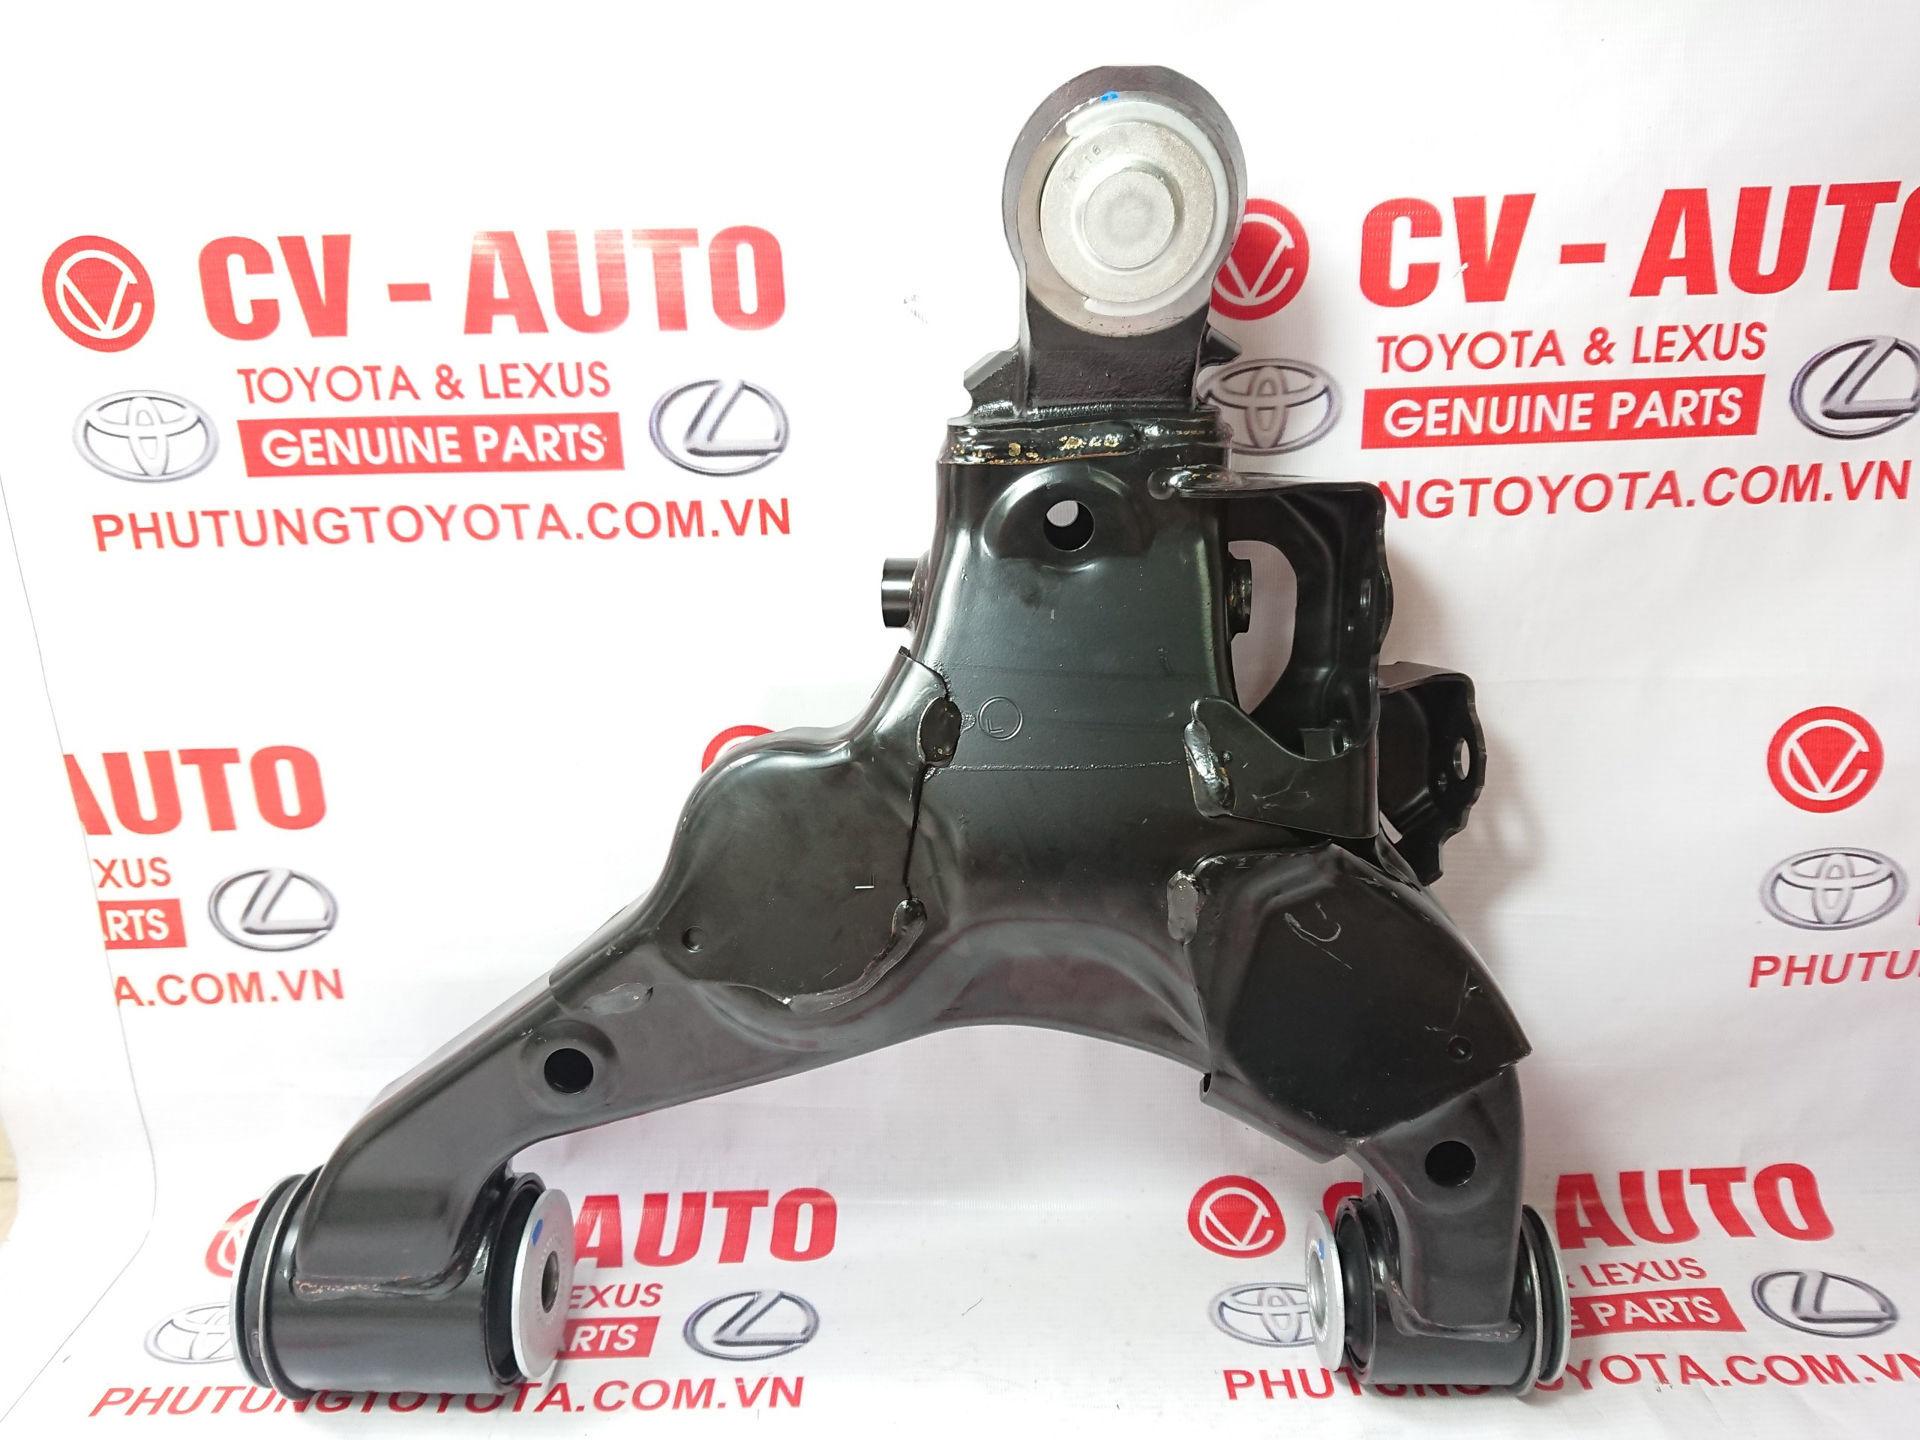 Picture of 48069-60030 Càng A dưới trái Lexus LX570, Toyota Land Cruiser